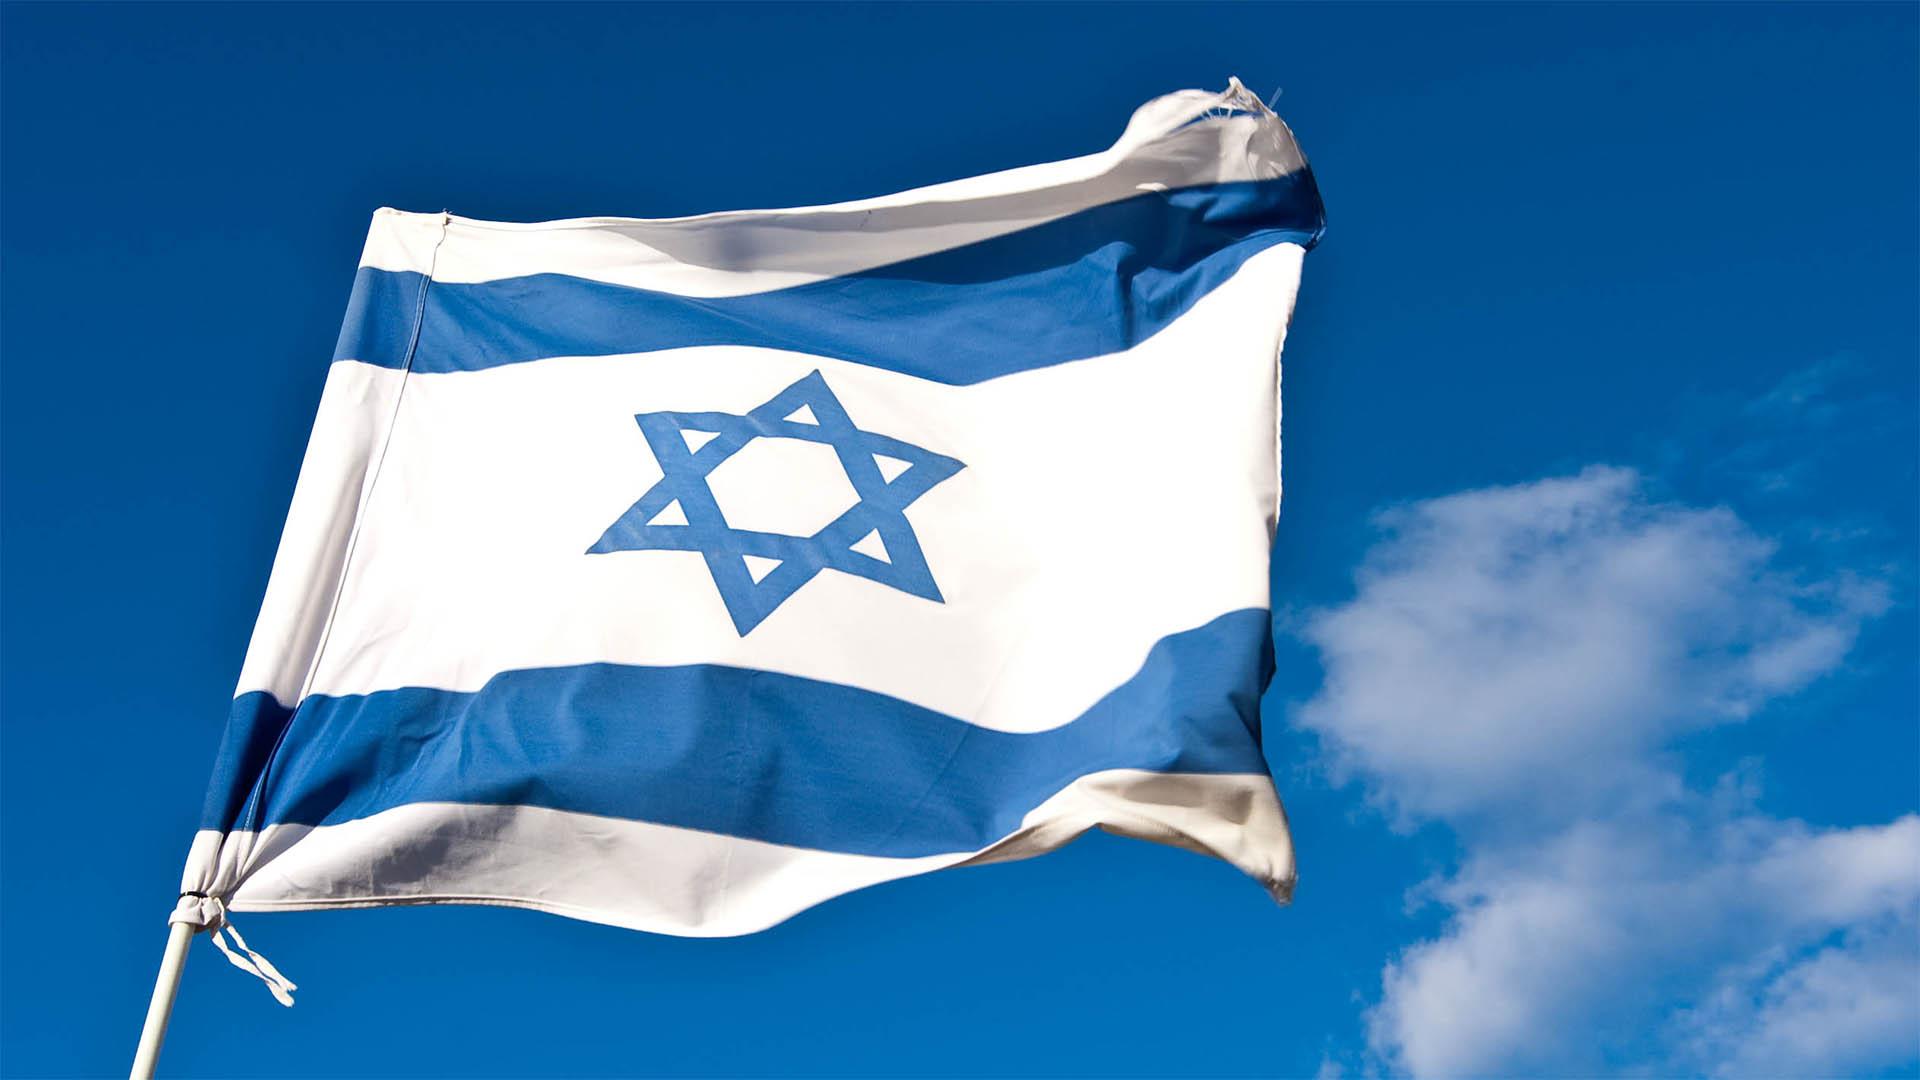 Alan Posener von der Tageszeitung Die Welt kritisiert einen Text des evangelischen Theologen Ulrich Duchrow, laut dem Israels Juden kein Recht auf ihre Heimat haben